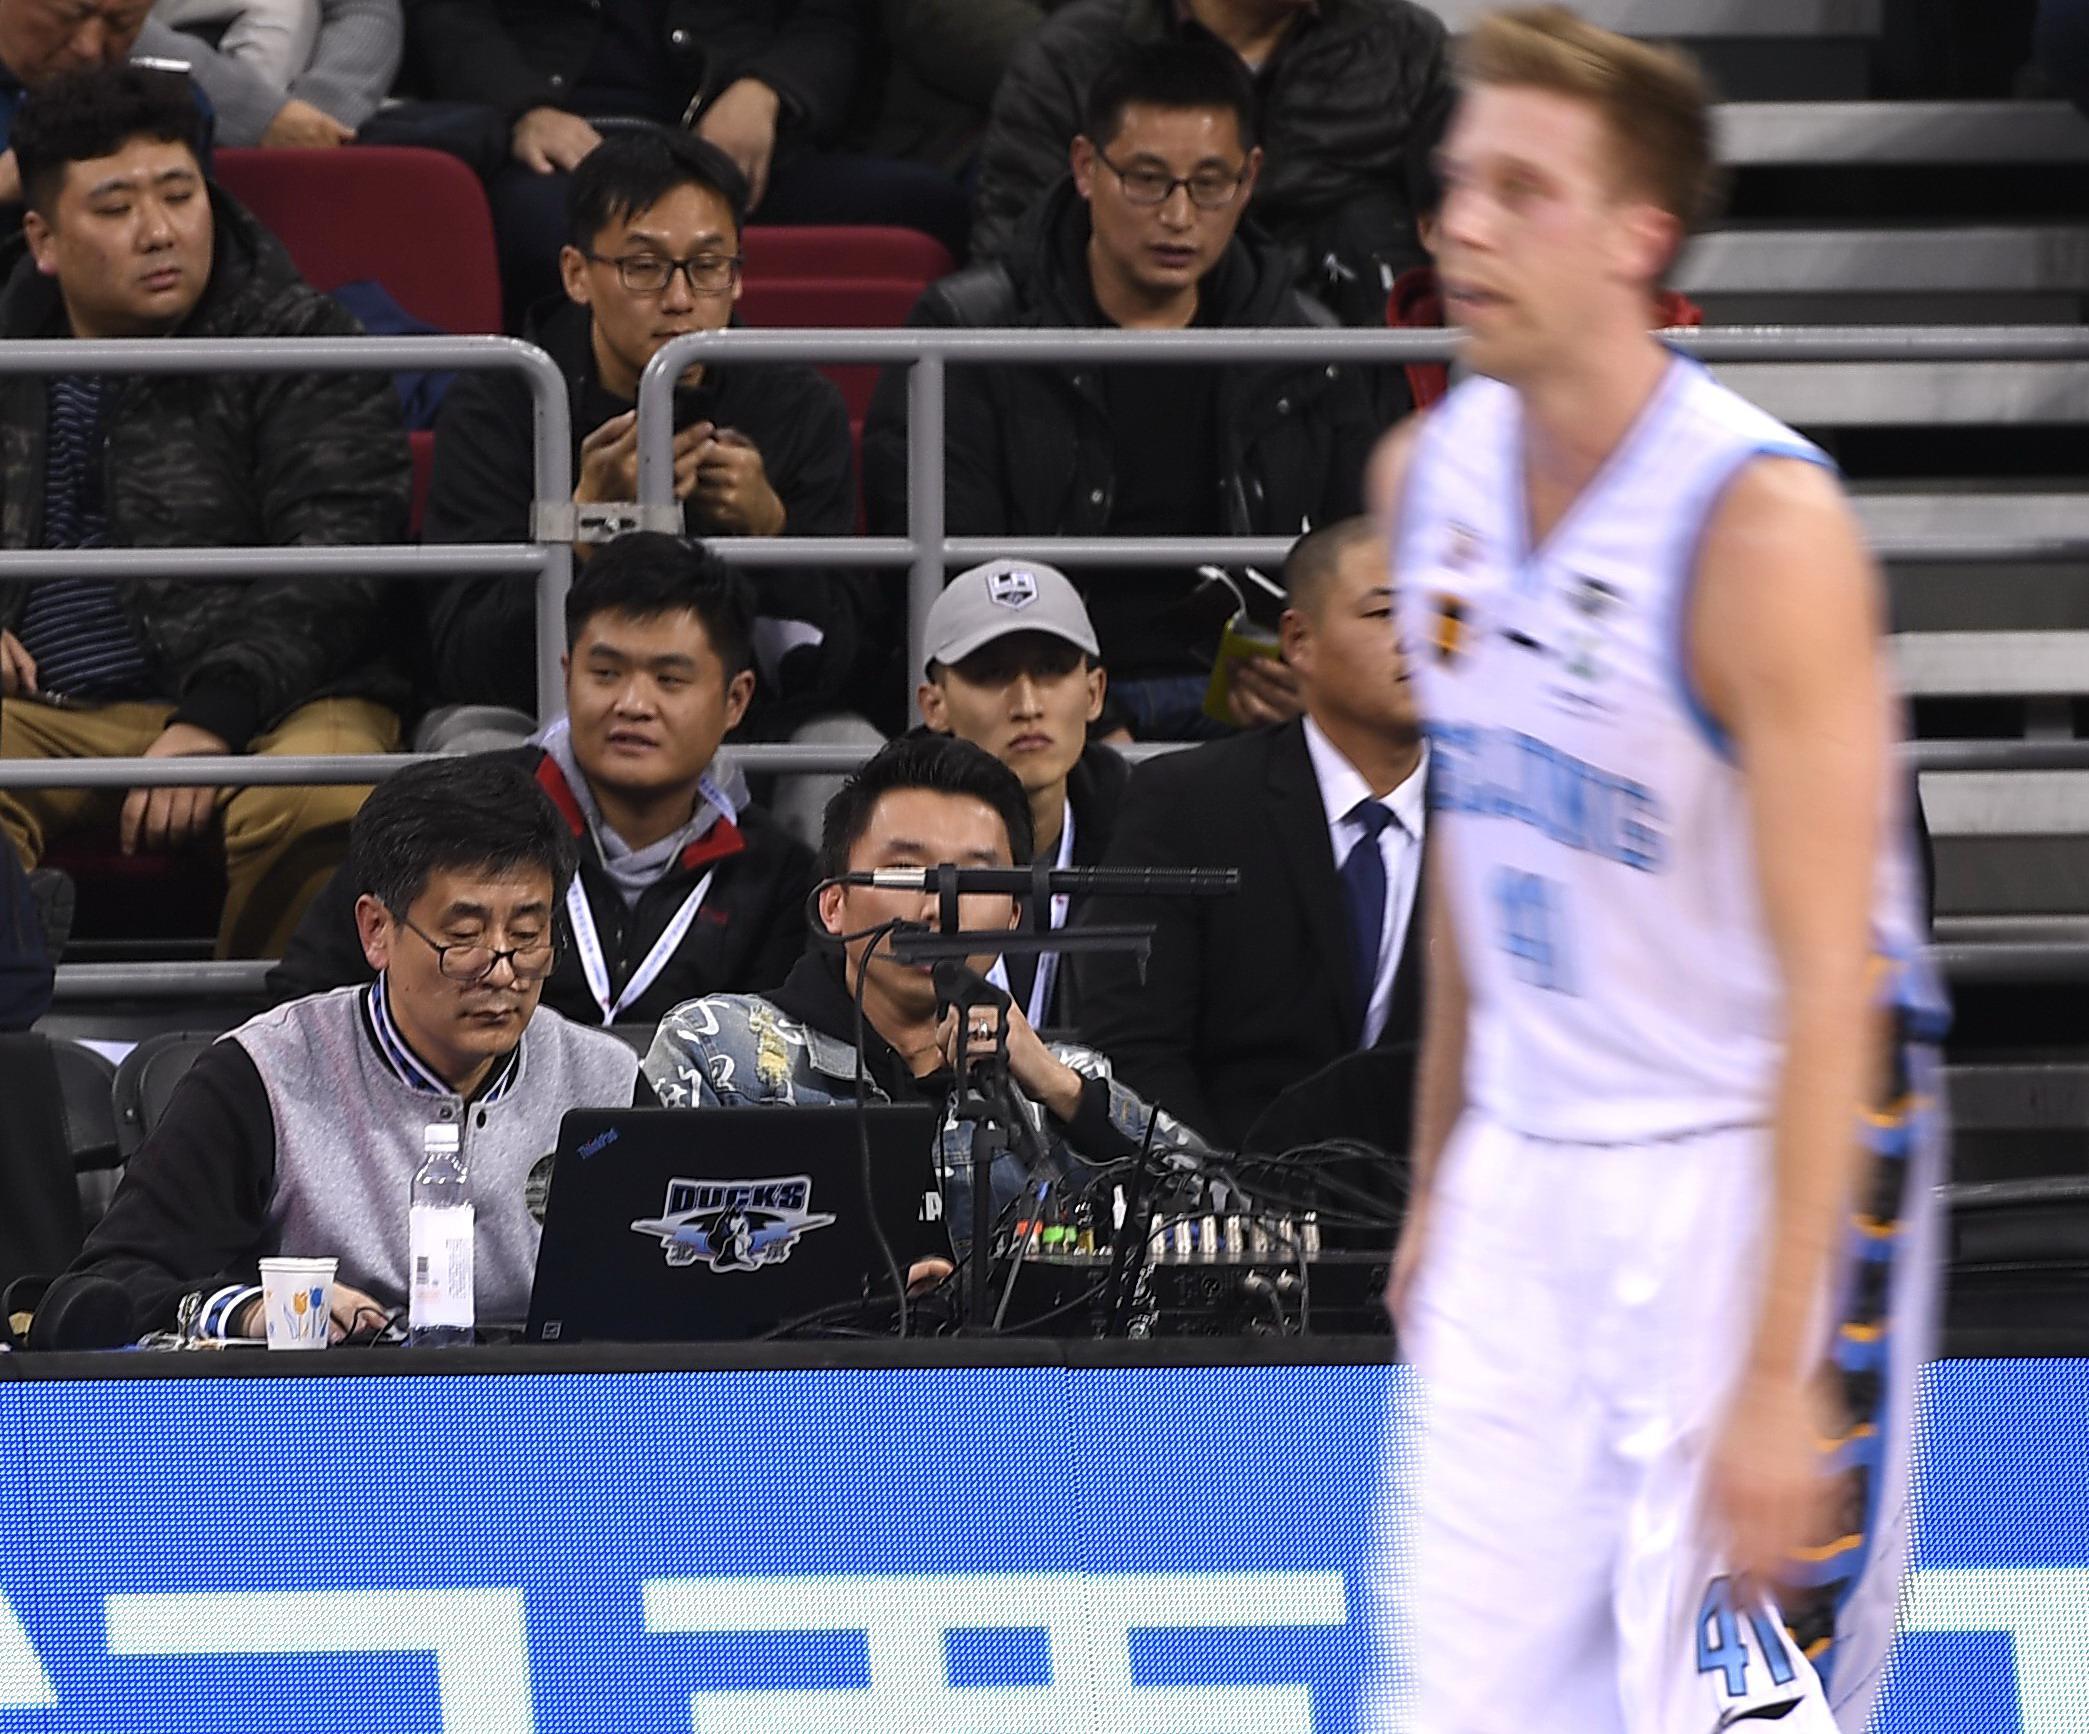 55岁的北京主场DJ杨雨茂(戴眼镜者)